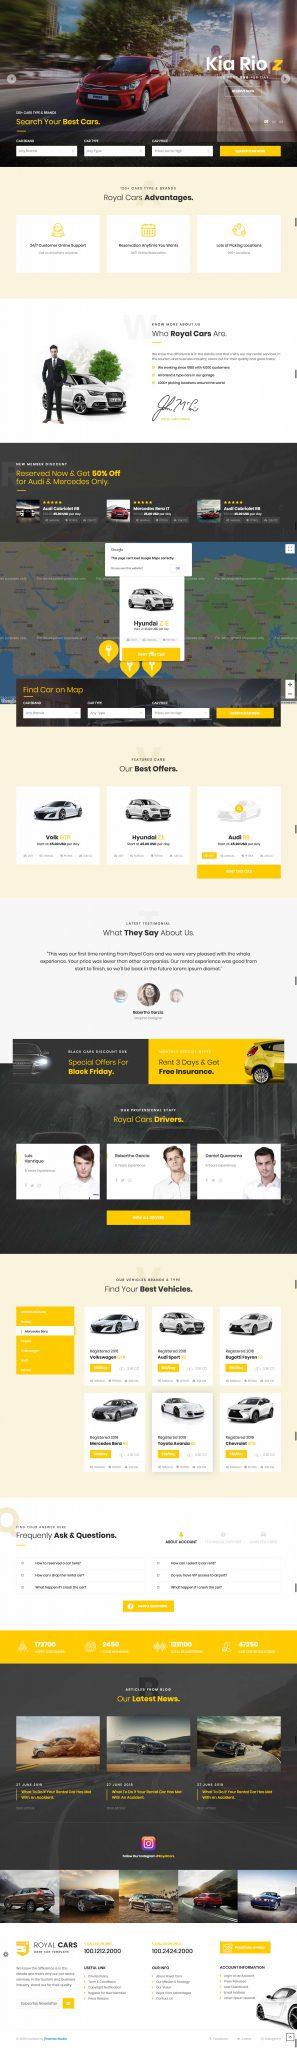 Mẫu thiết kế giao diện website dịch vụ cho thuê xe du lịch